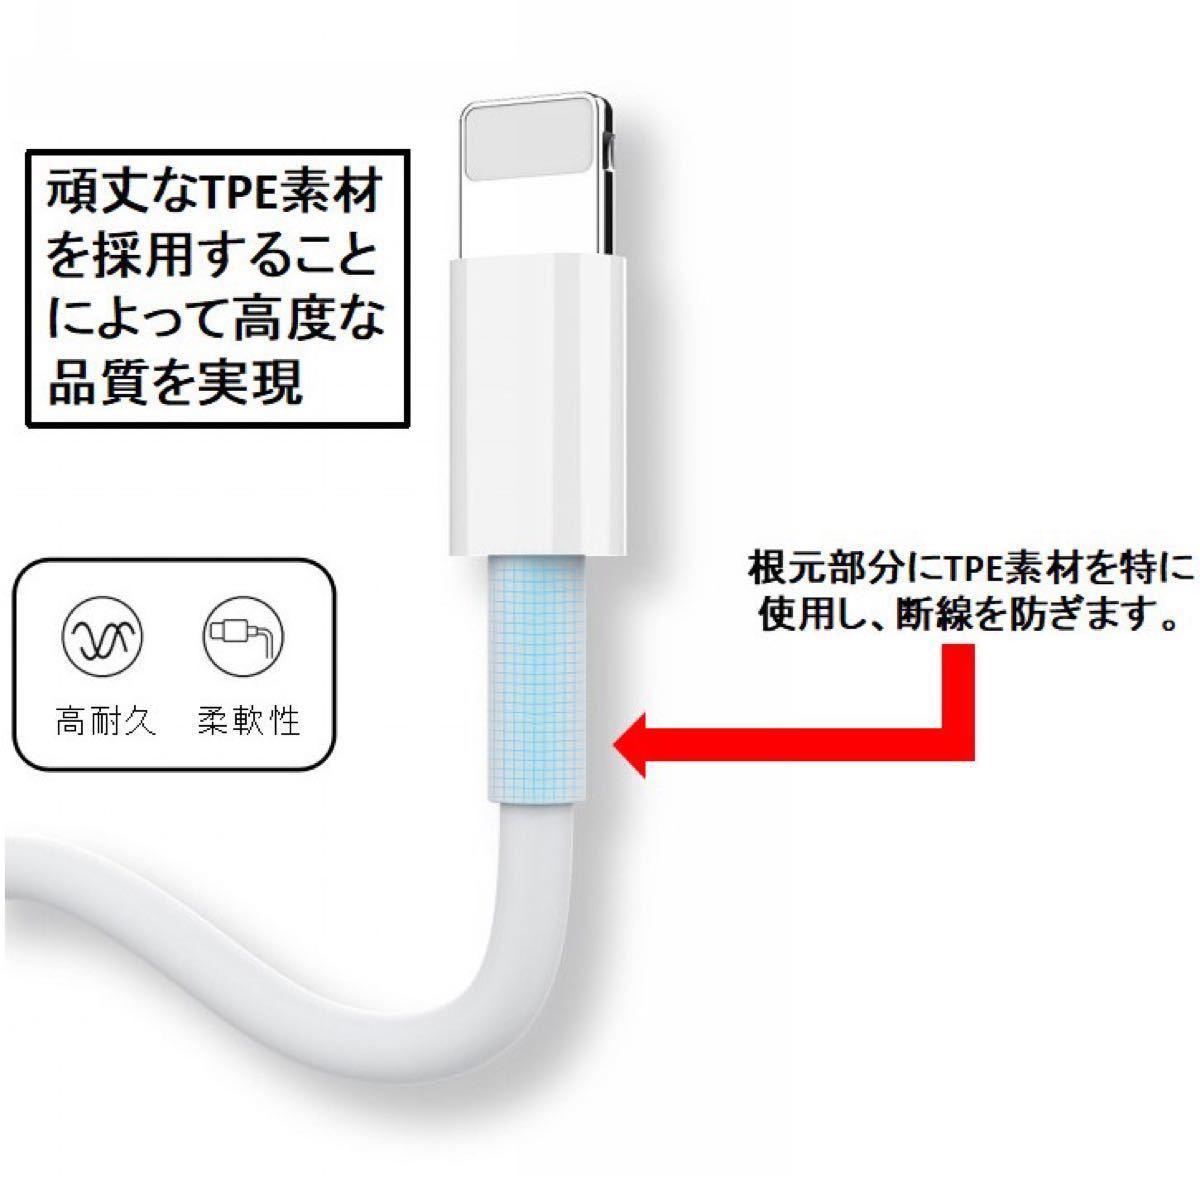 iPhone ライトニングケーブル 充電 1m 3本セット 送料無料 USBケーブル 急速充電 保証 安い データ通信 iPod